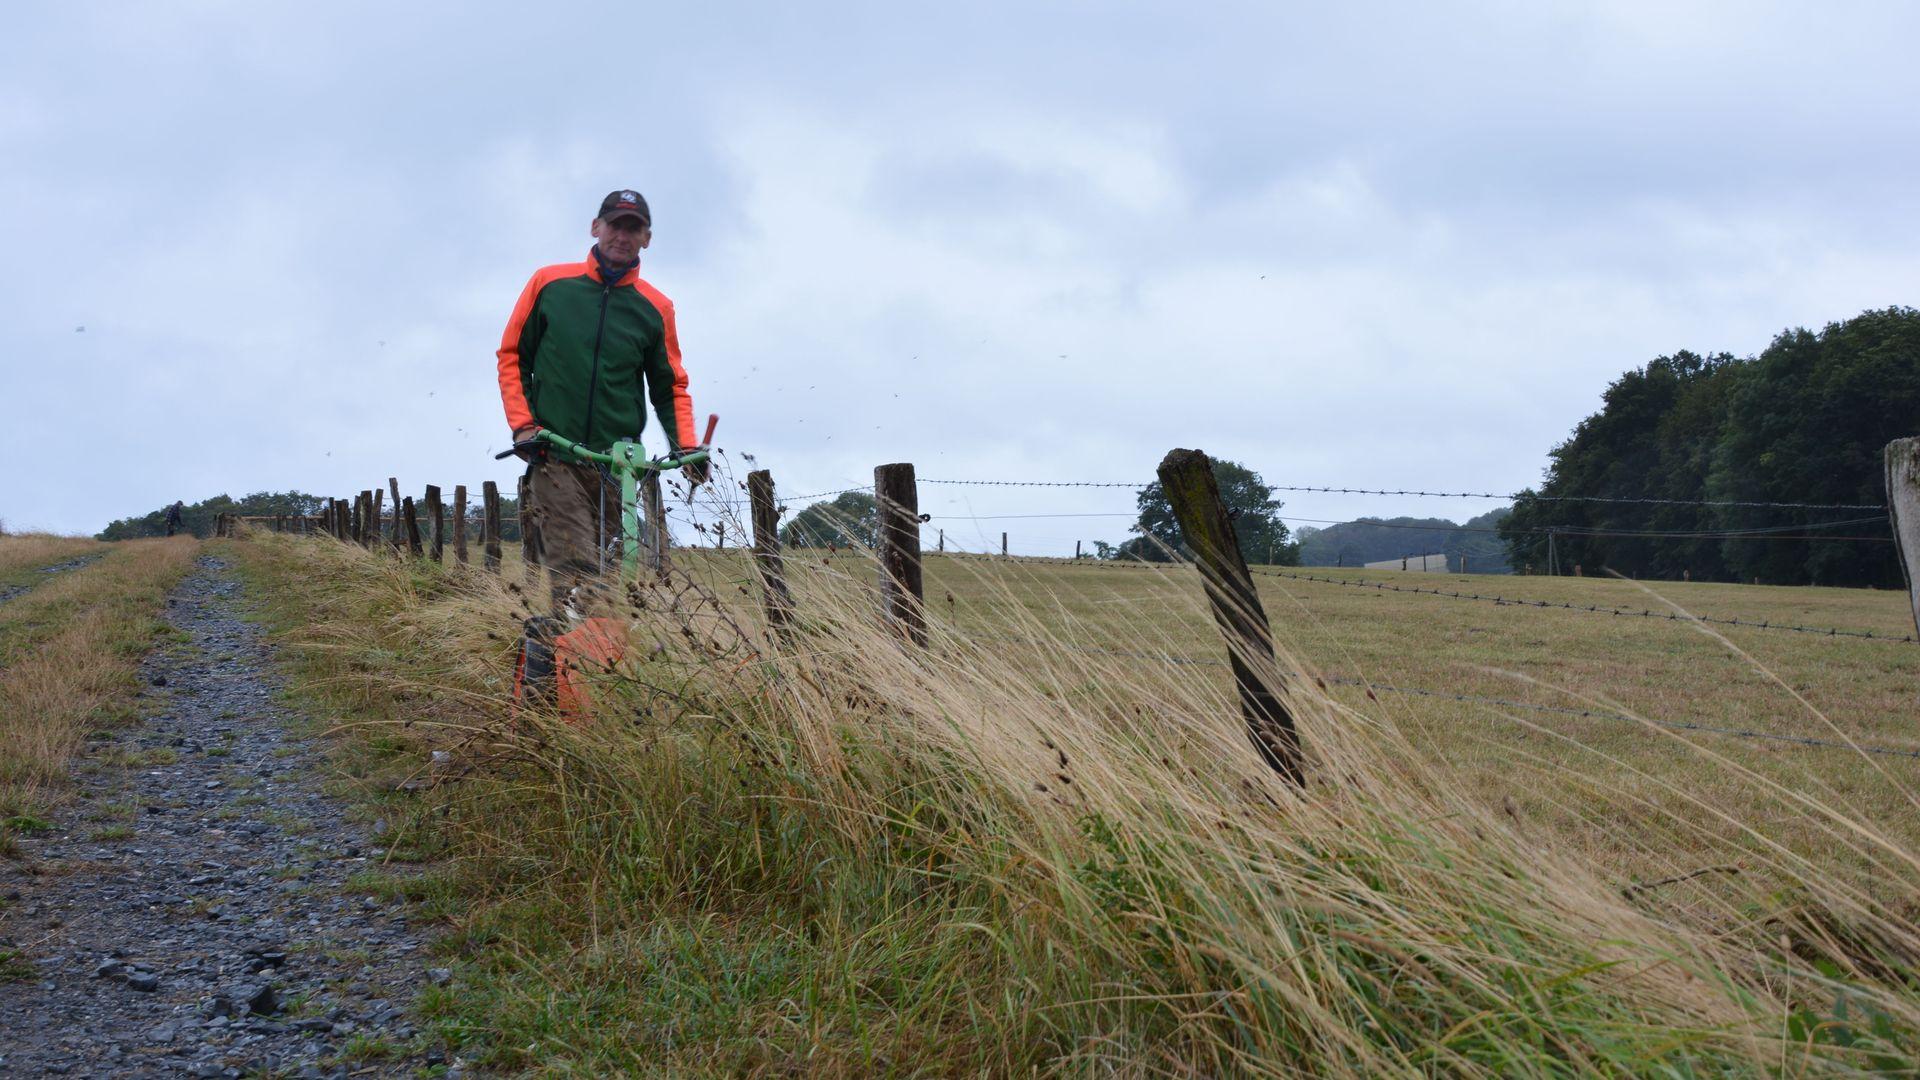 Alexander Breitkopf mäht die Gräser und Pflanzen am Weidensaum mit dem Balkenmäher. Foto: wfc